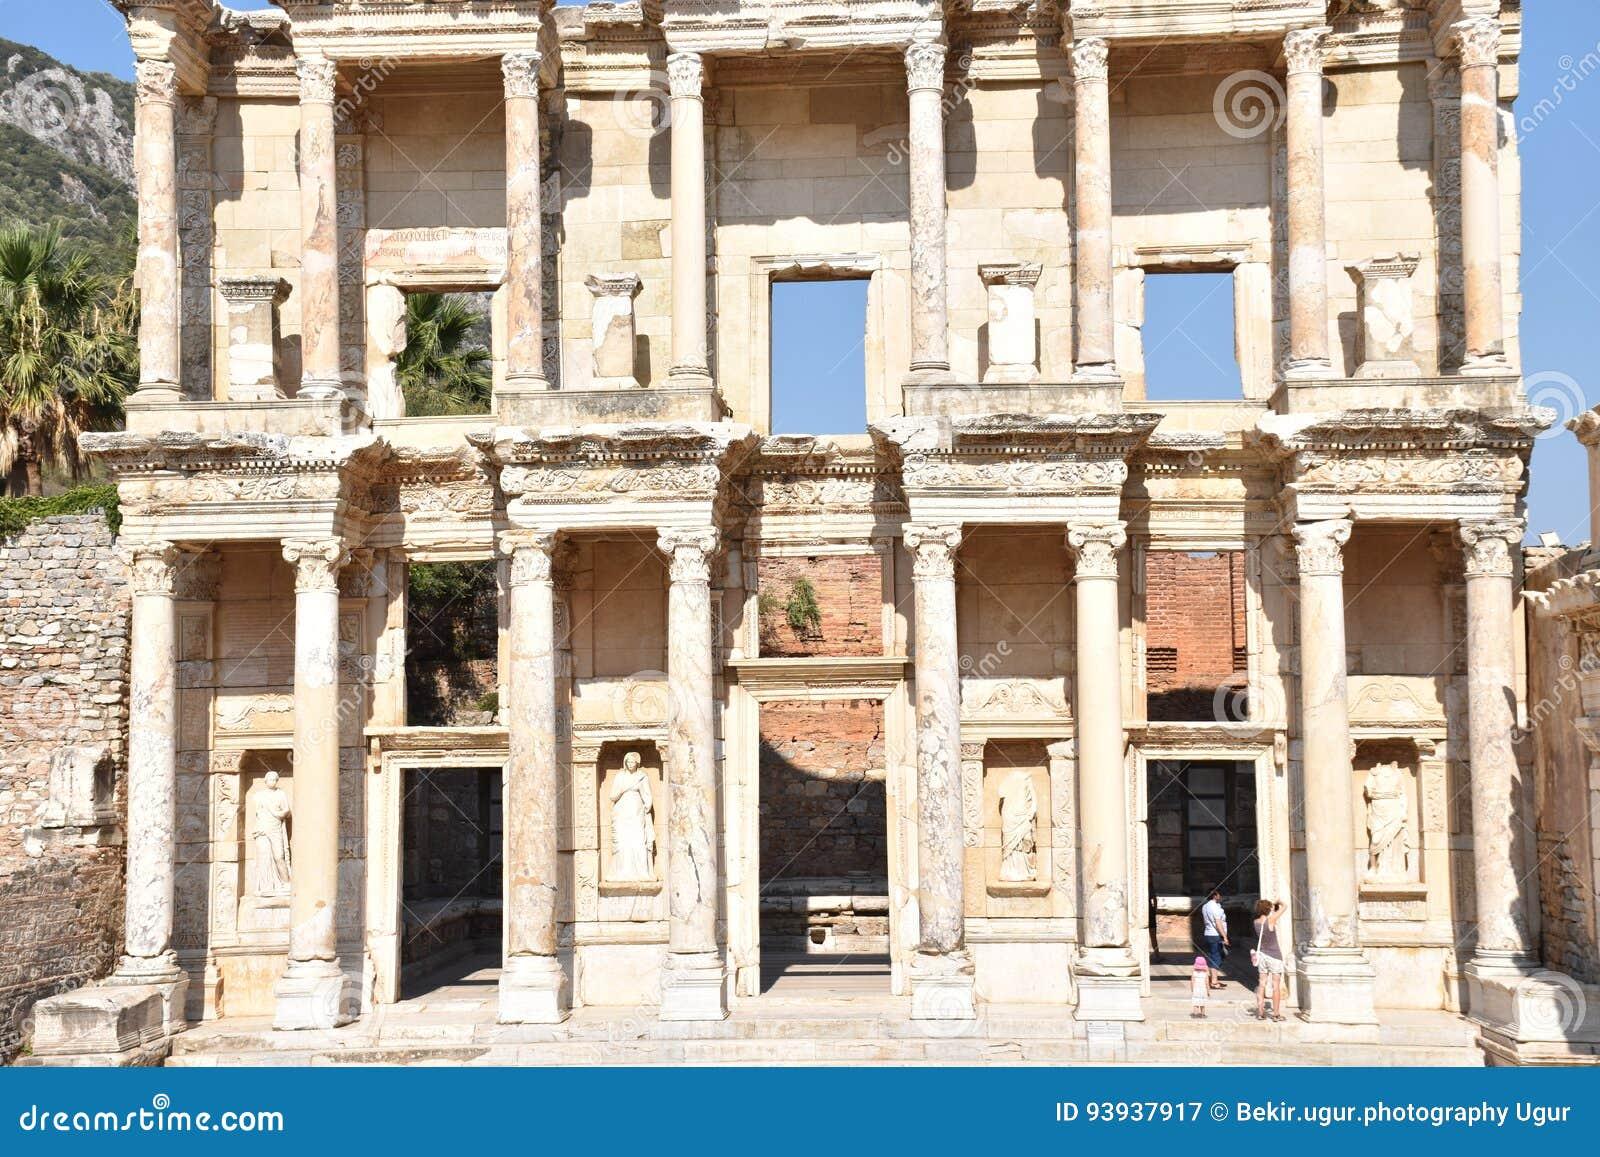 Ephesus Efes antik kenti izmir